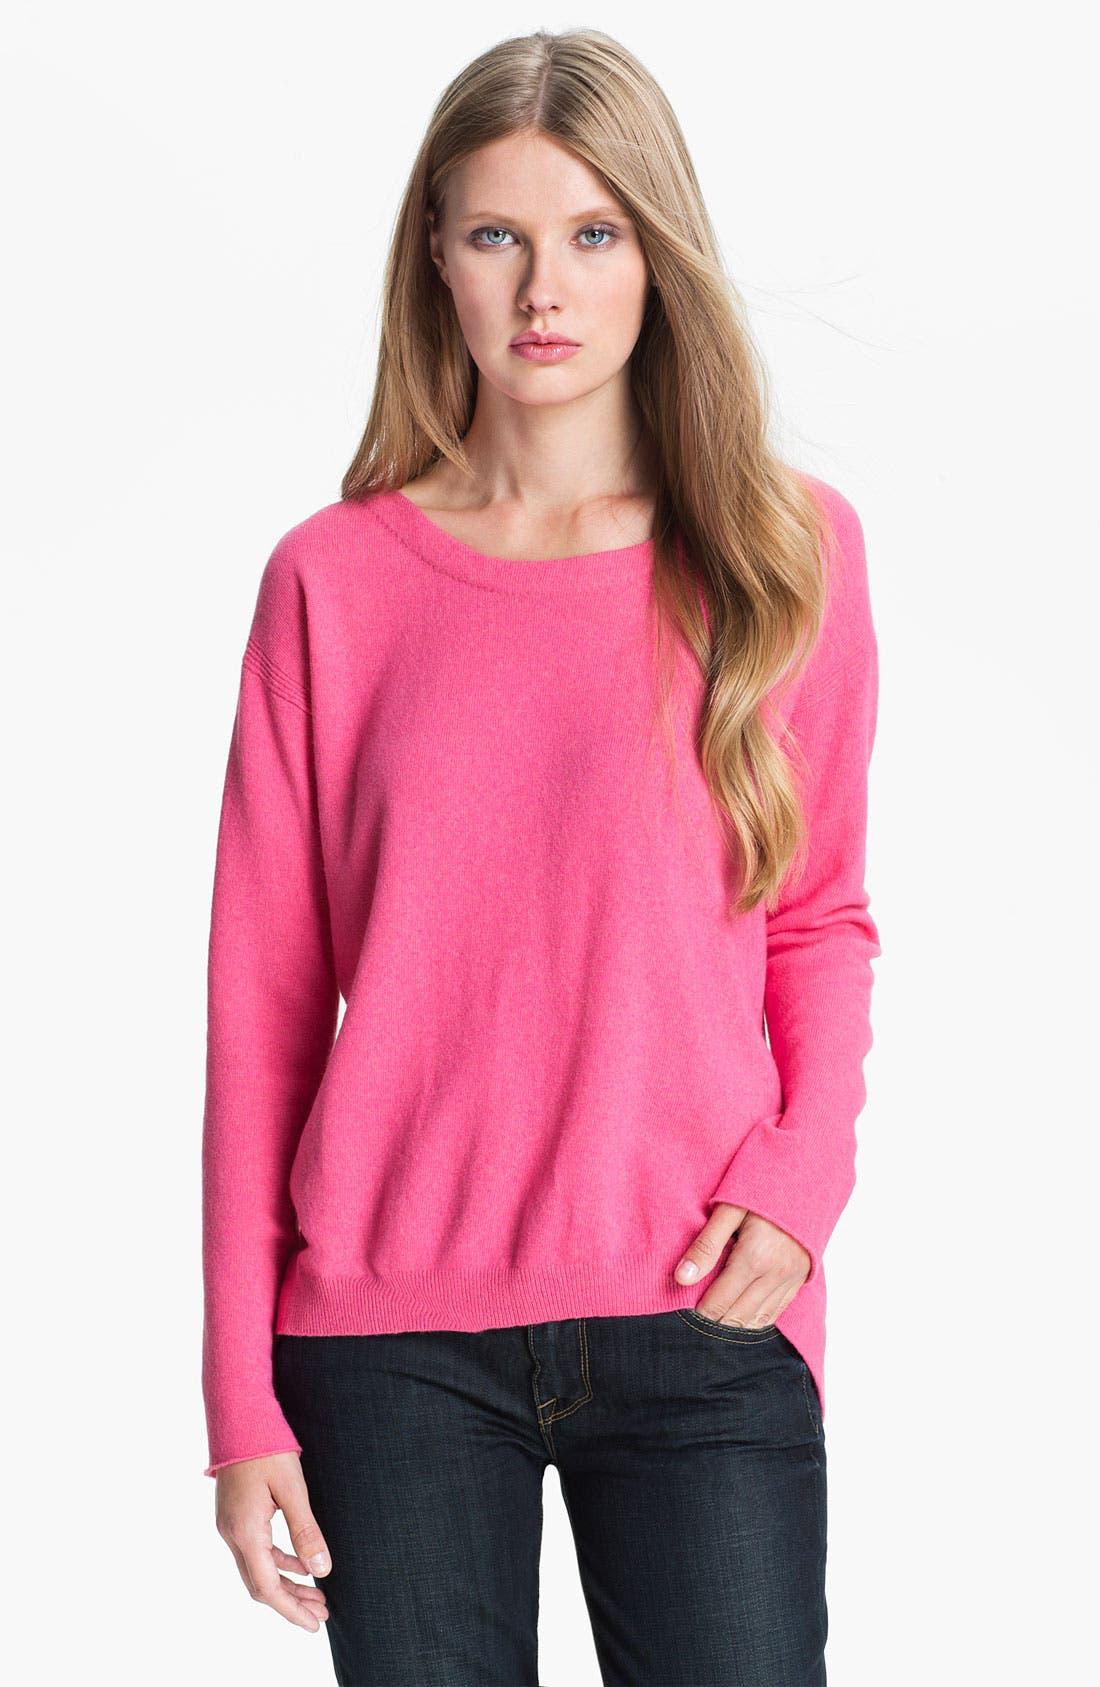 Alternate Image 1 Selected - Diane von Furstenberg 'Garnet' Cashmere Sweater